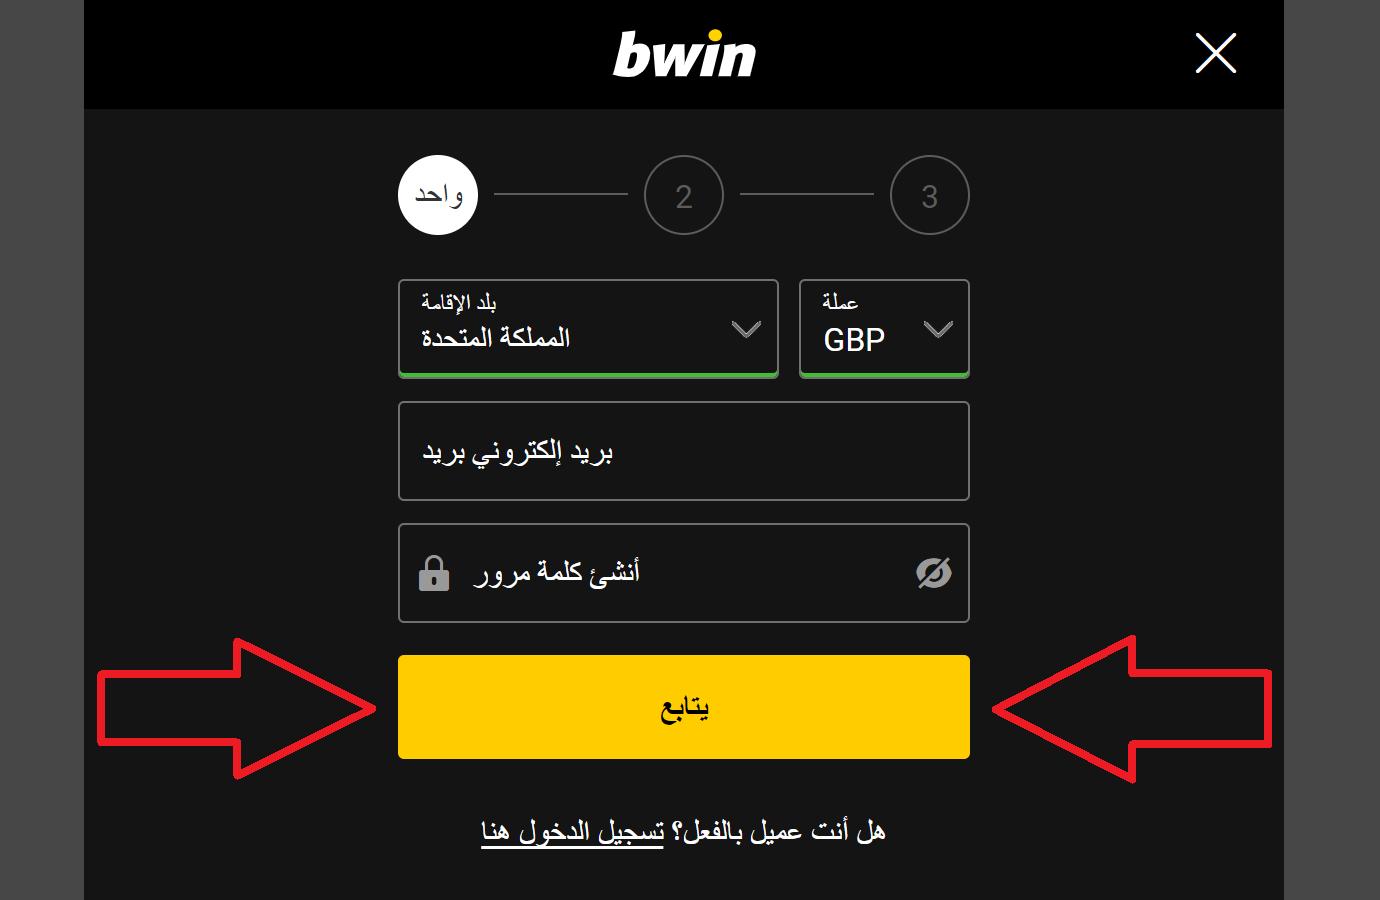 مراجعة المحمول إصدار الموقع Bwin